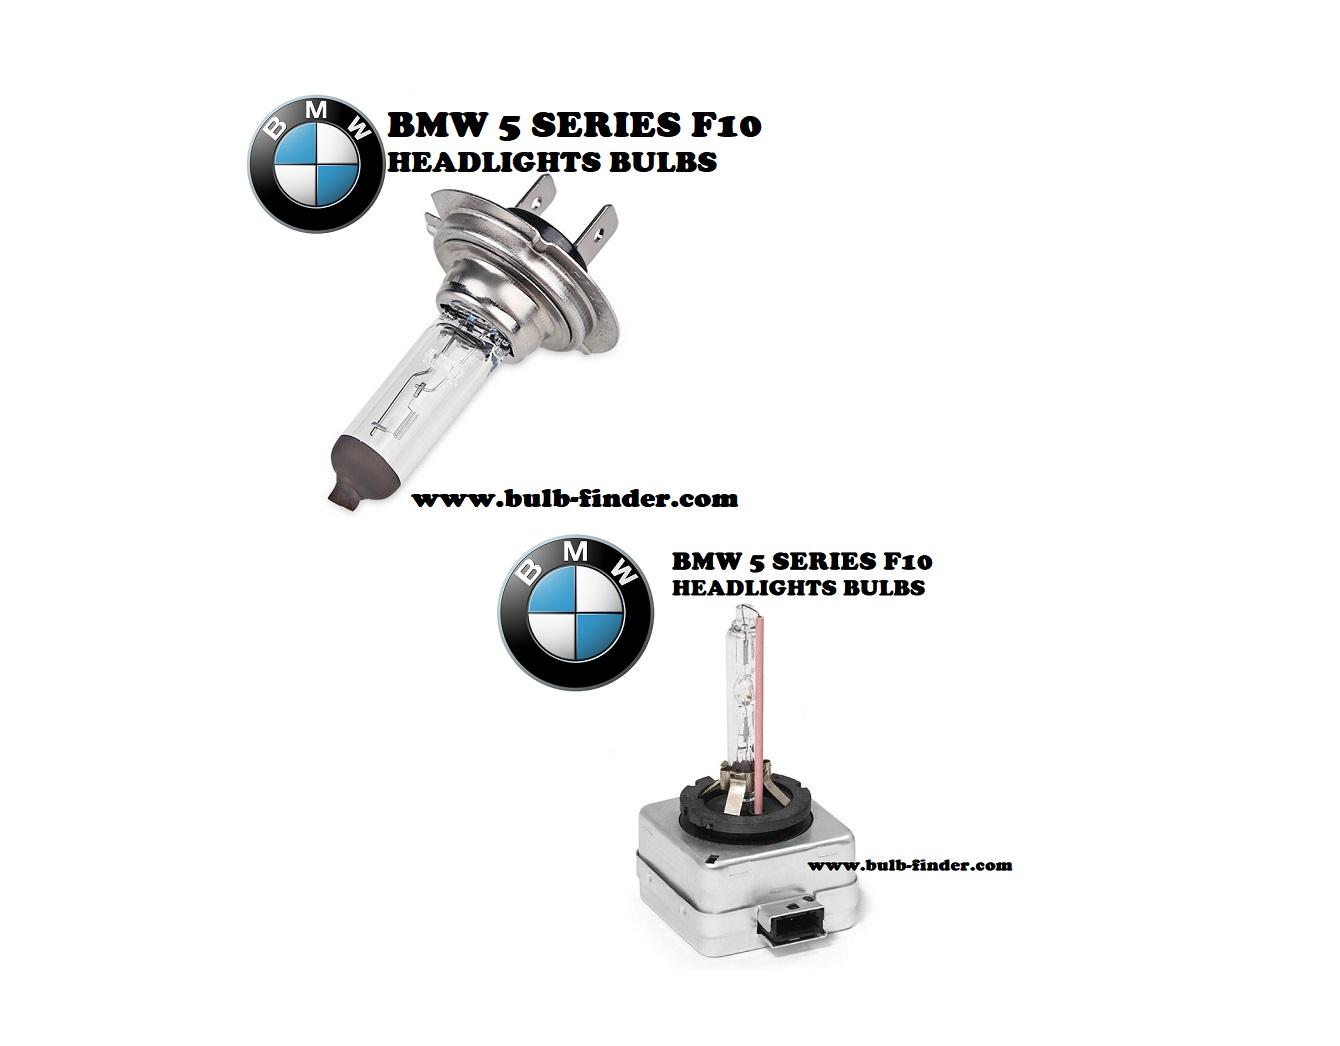 BMW 5 Series F10 headlights bulbs model